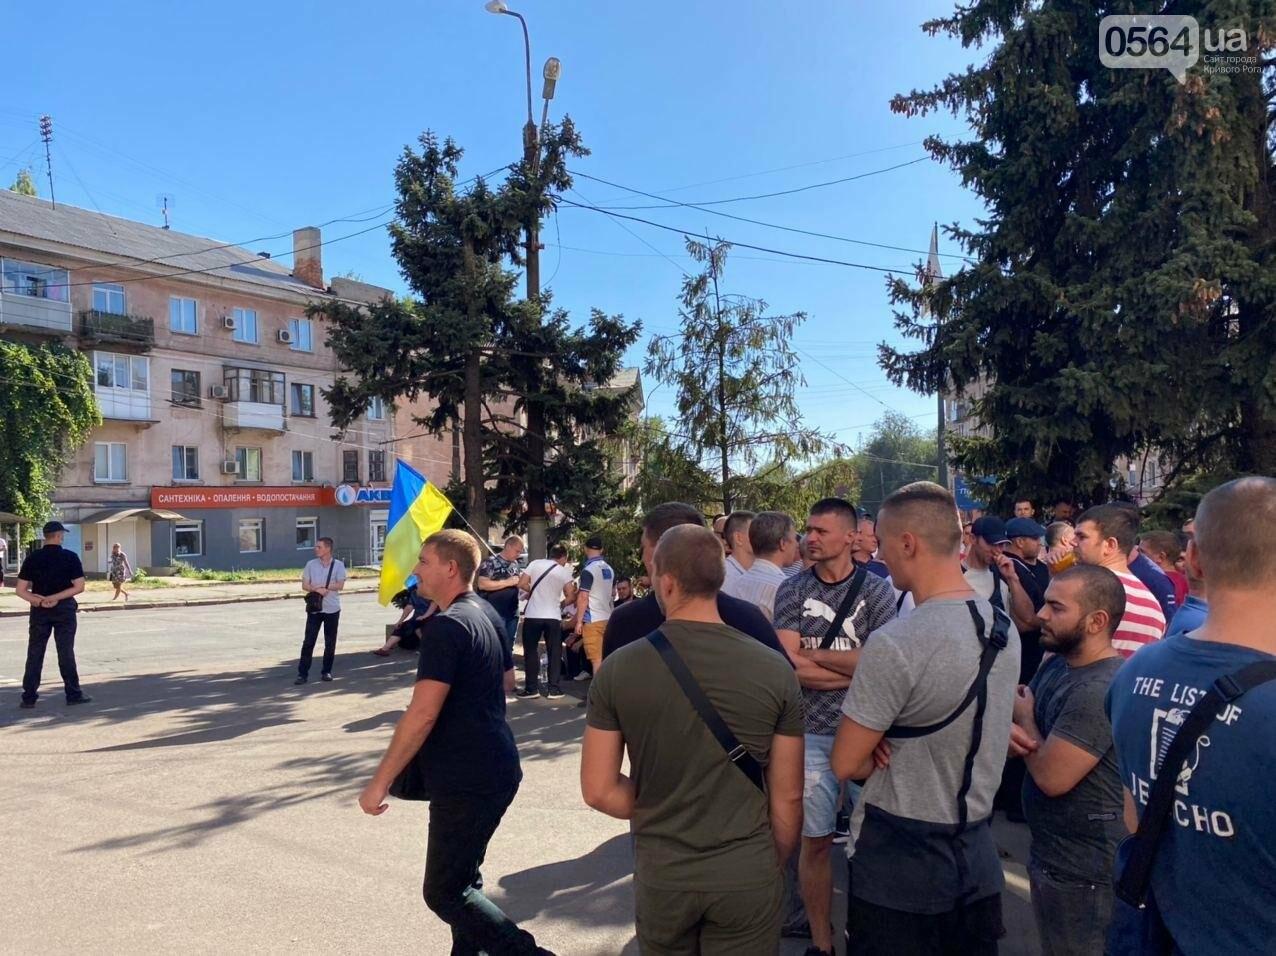 Отмолчаться не получится: у входа в админздание КЖРК проходит массовый митинг, на ступеньках сложены шины,  - ФОТО, ВИДЕО, фото-16